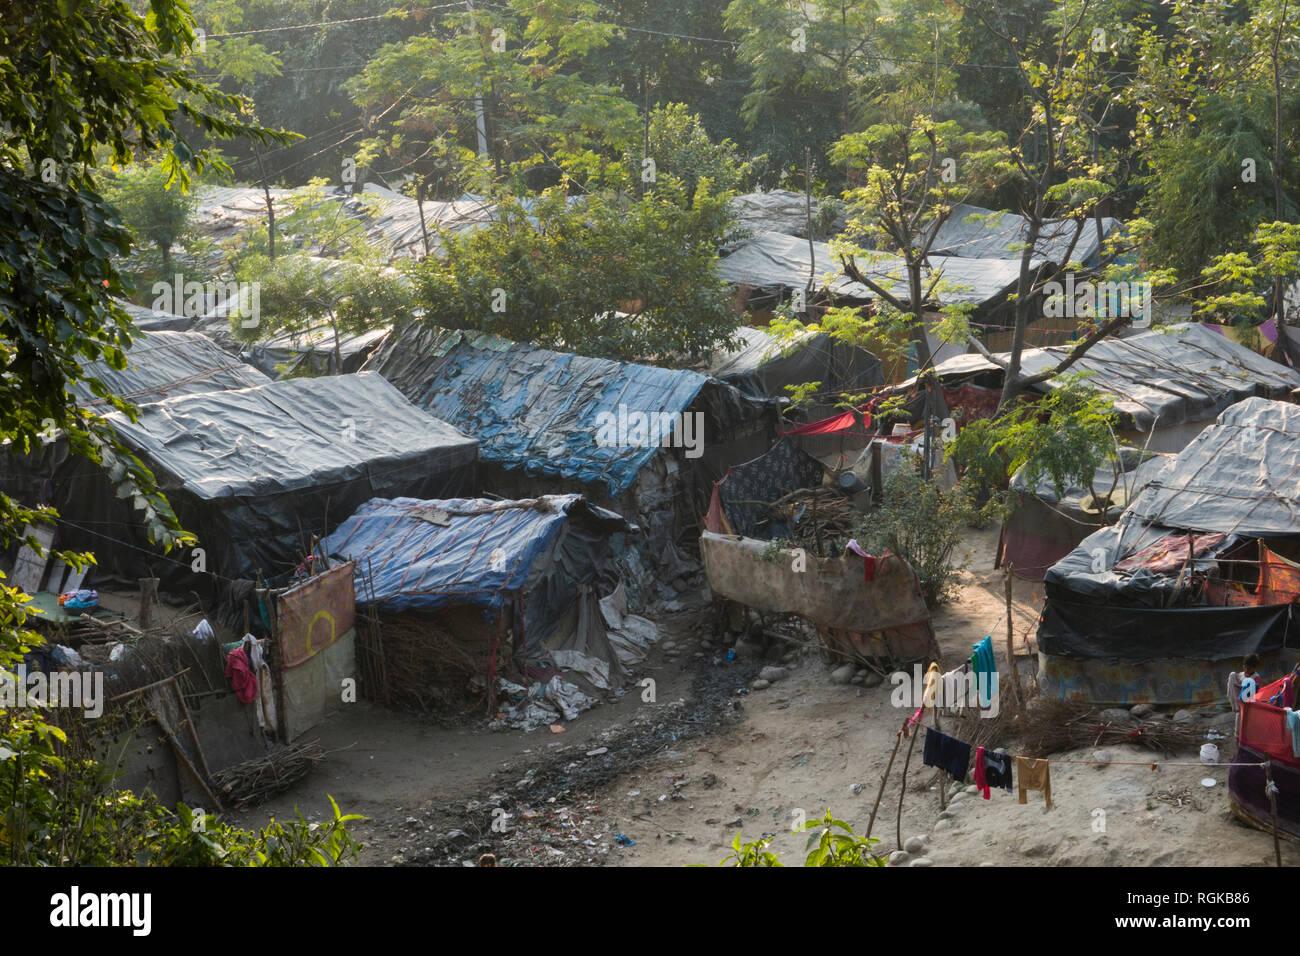 Rifugio di base della povertà comunità vivono alla periferia di Haridwar, Uttarakhand, India Immagini Stock